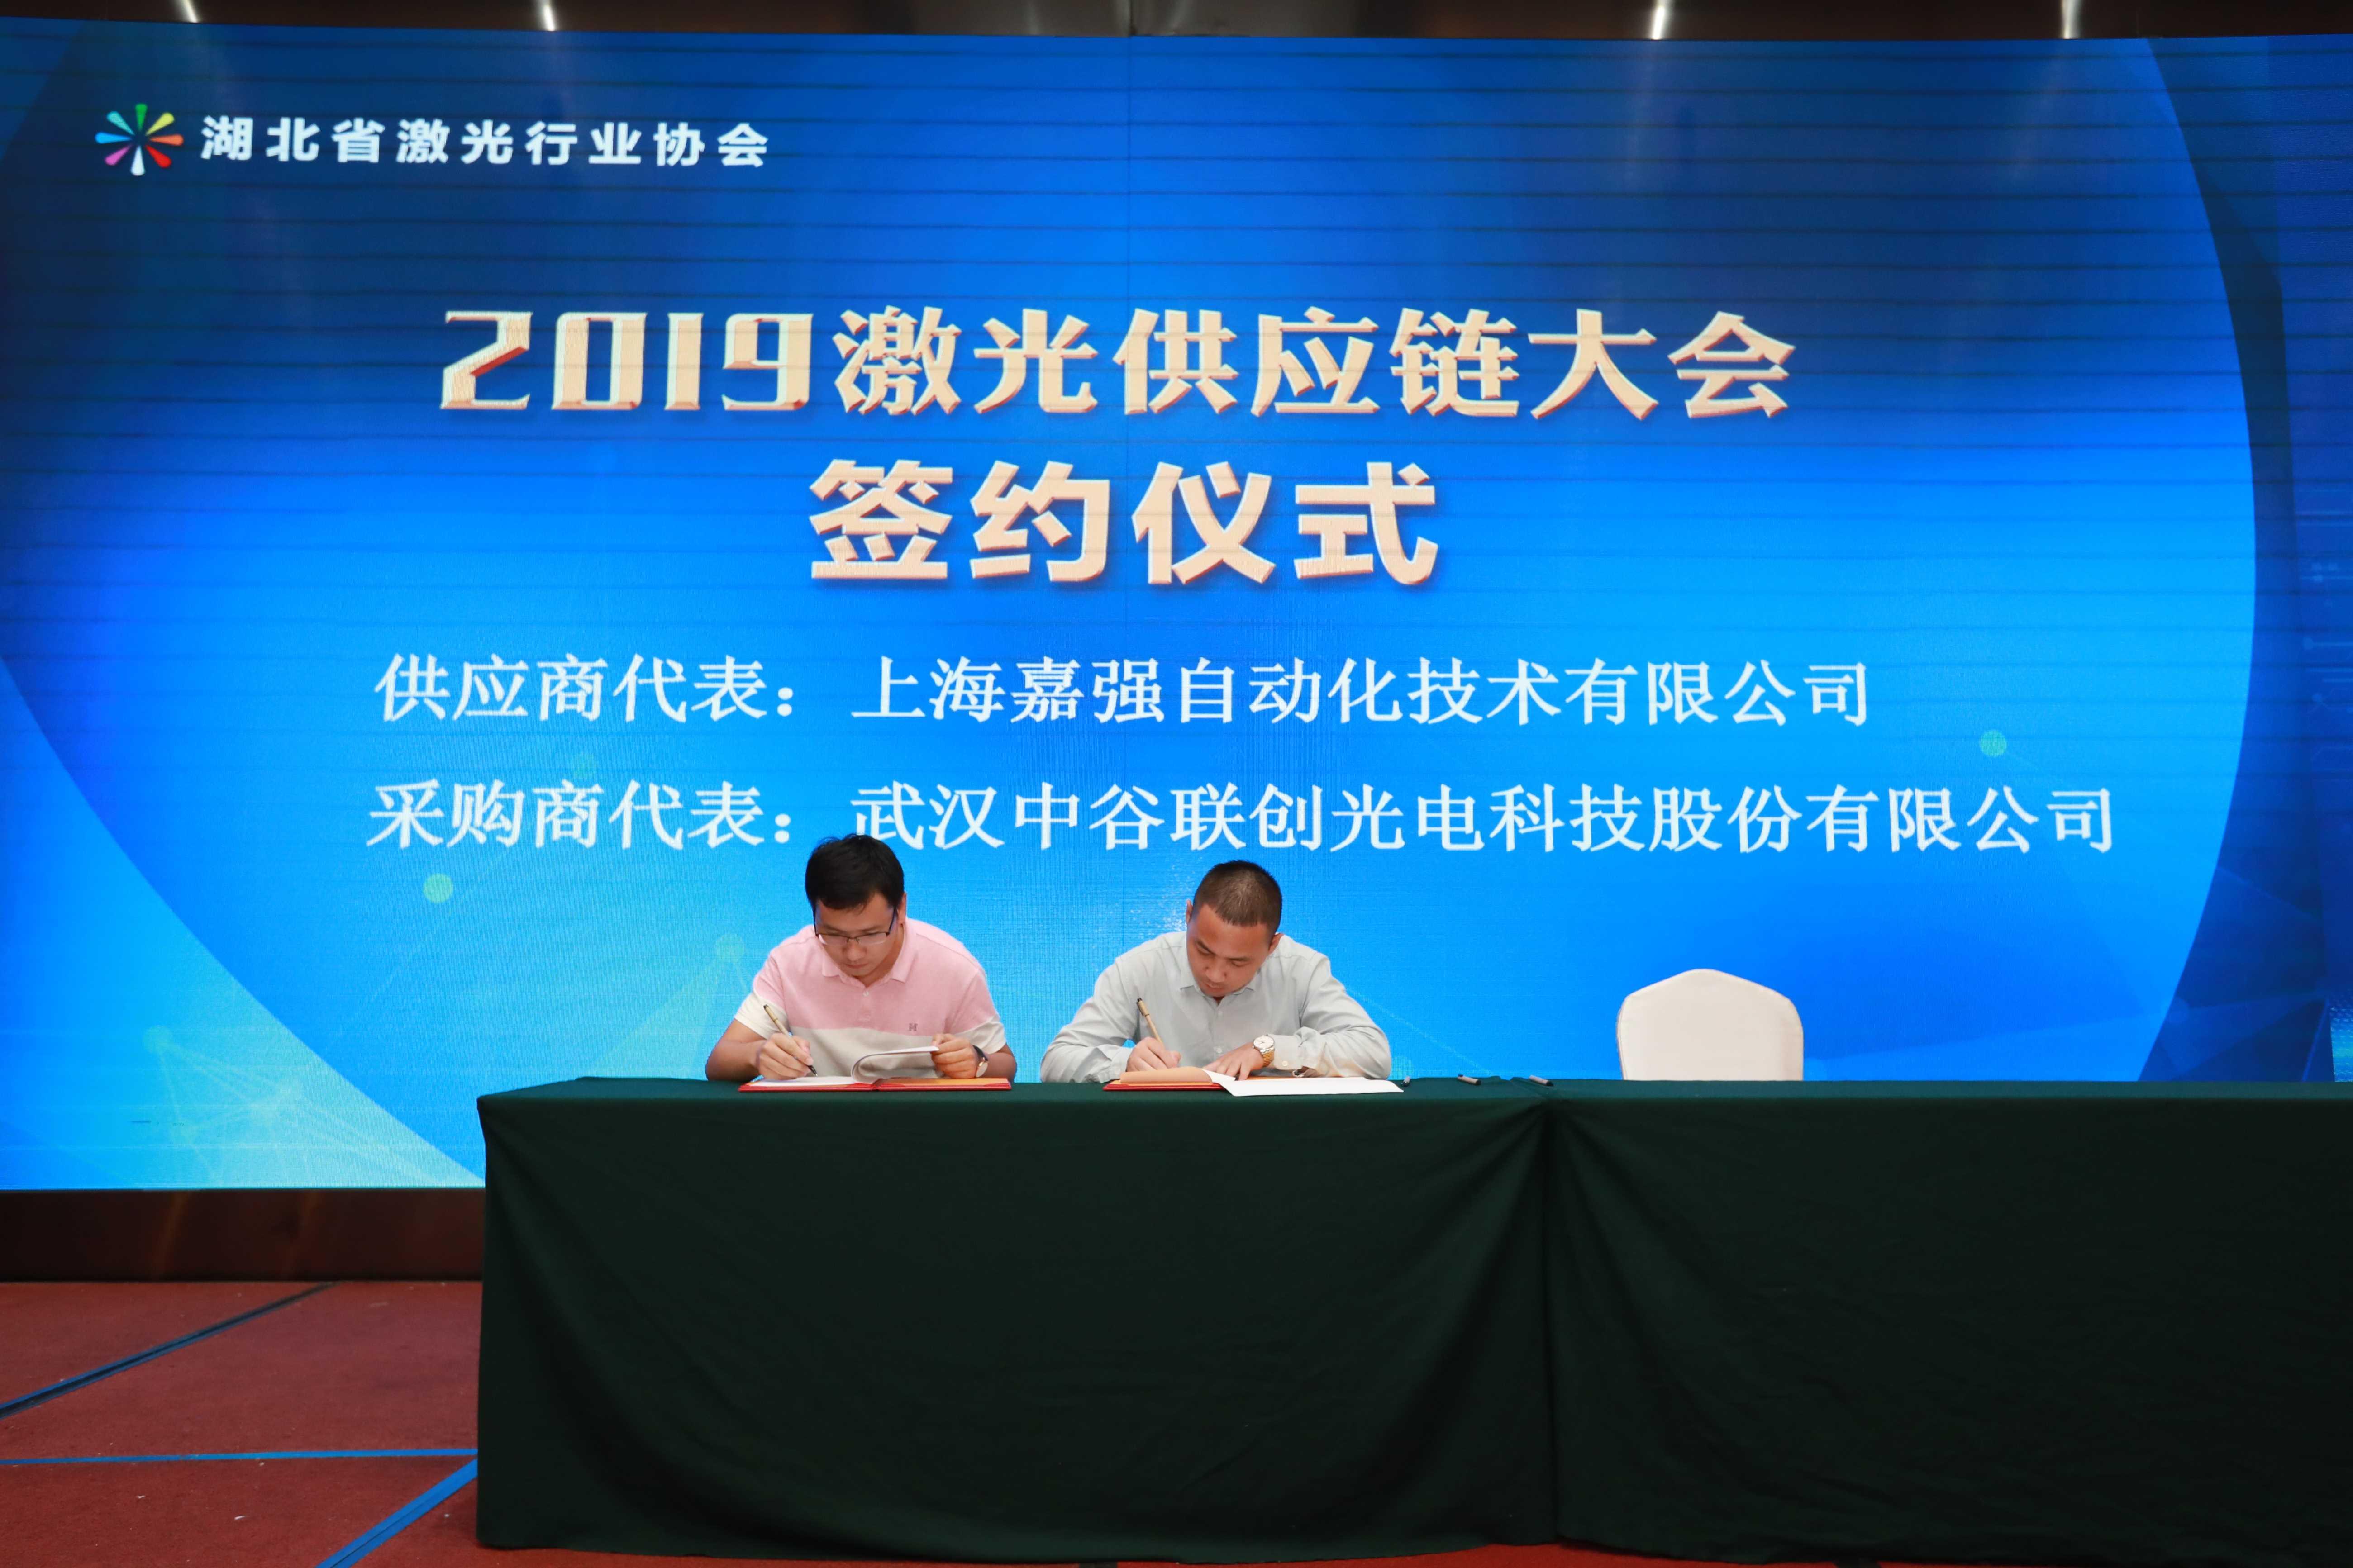 2019激光供应链大会新闻照片-签约6